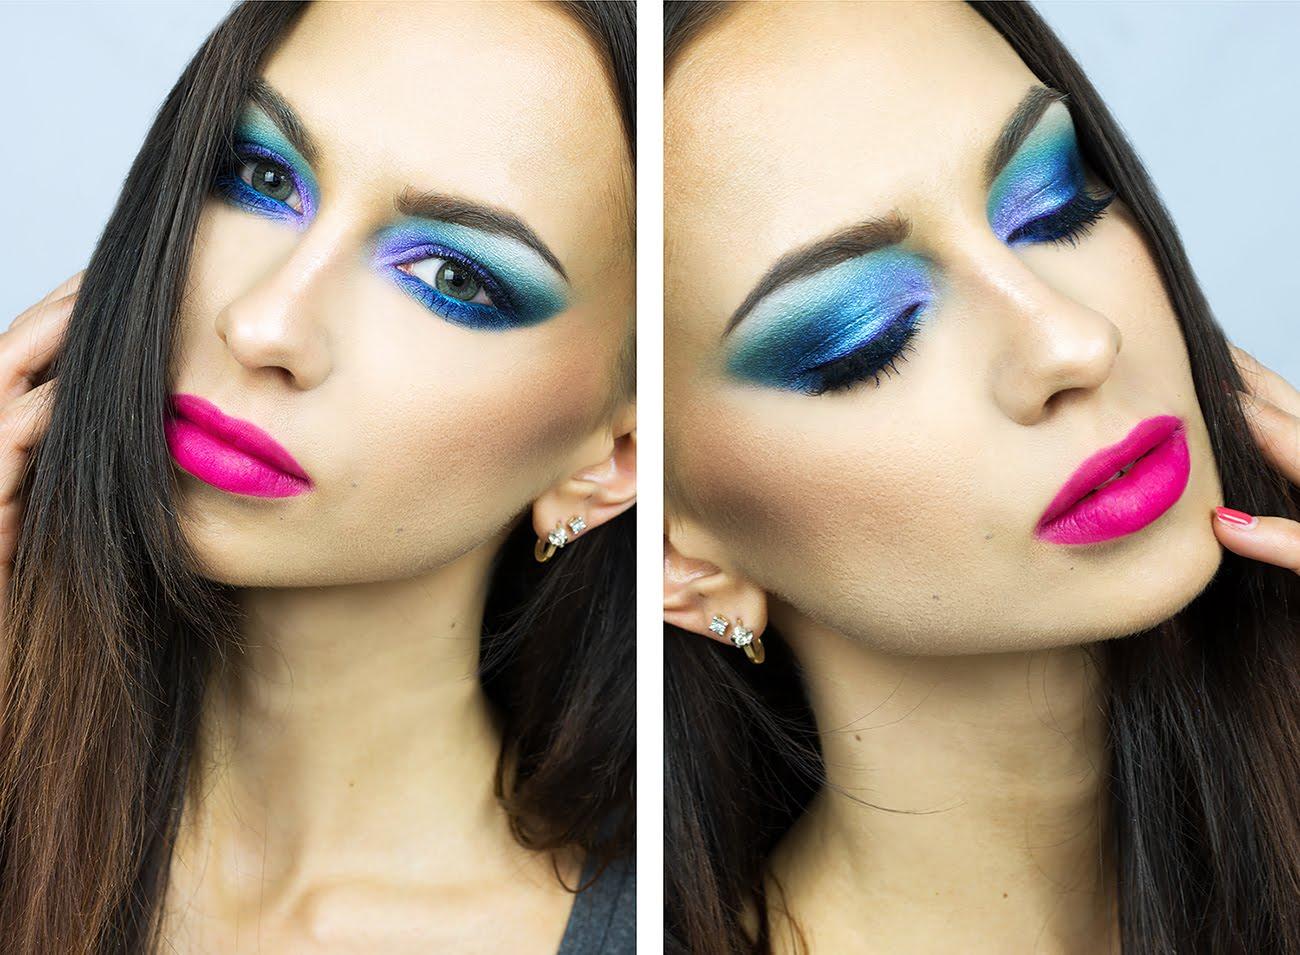 makijaż-artysztyczny-makijaż-kolorowy-makijaż-wieczorowy-makijaż-ślubny-kinga-czarnecka-kamini-makeup-makijaż-poznań-wizazystka-poznań